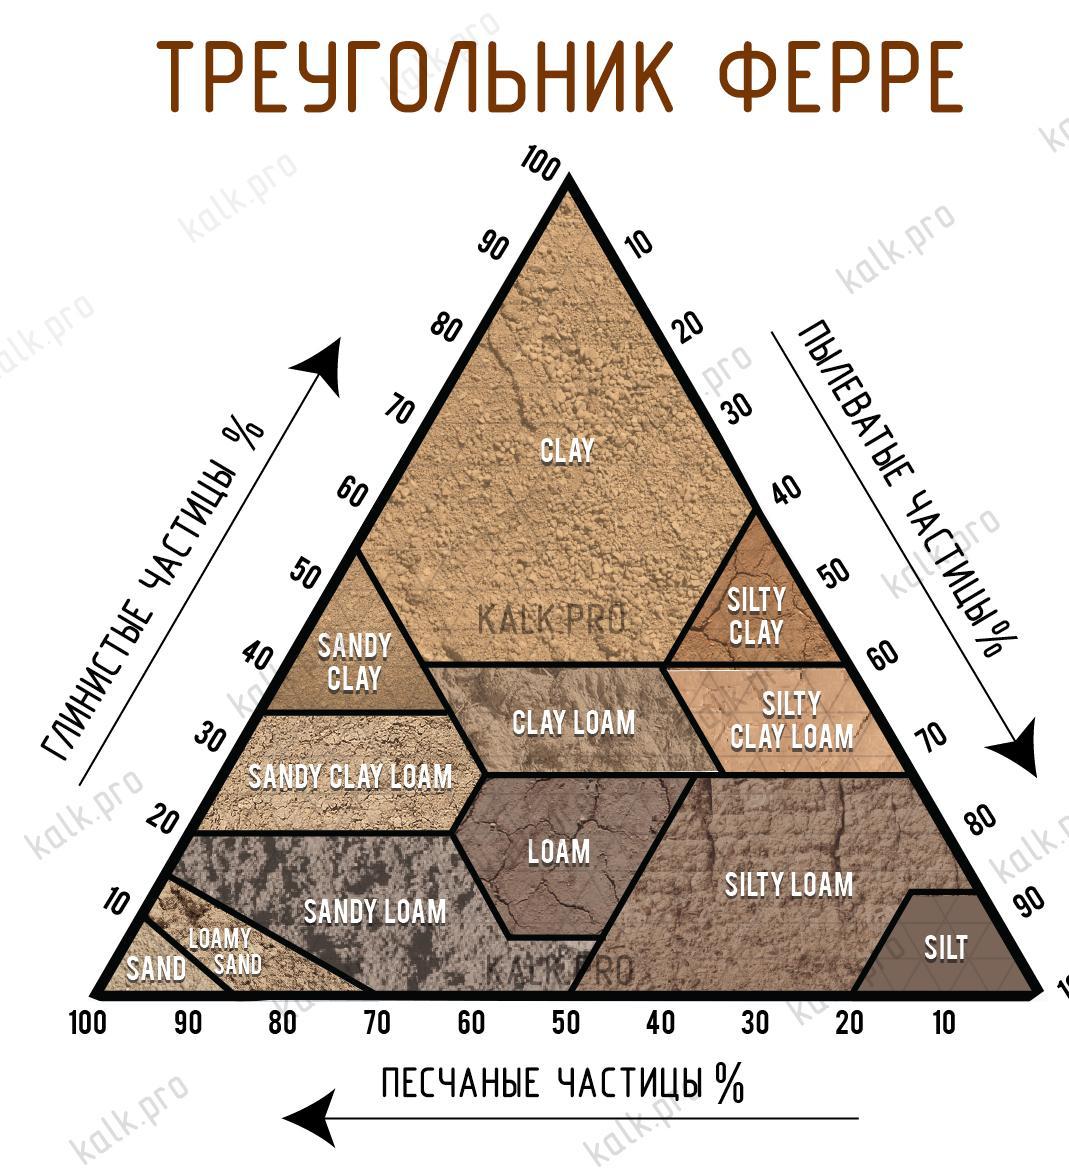 Определение гранулометрического состава грунта. Треугольник Ферре, как пользоваться?